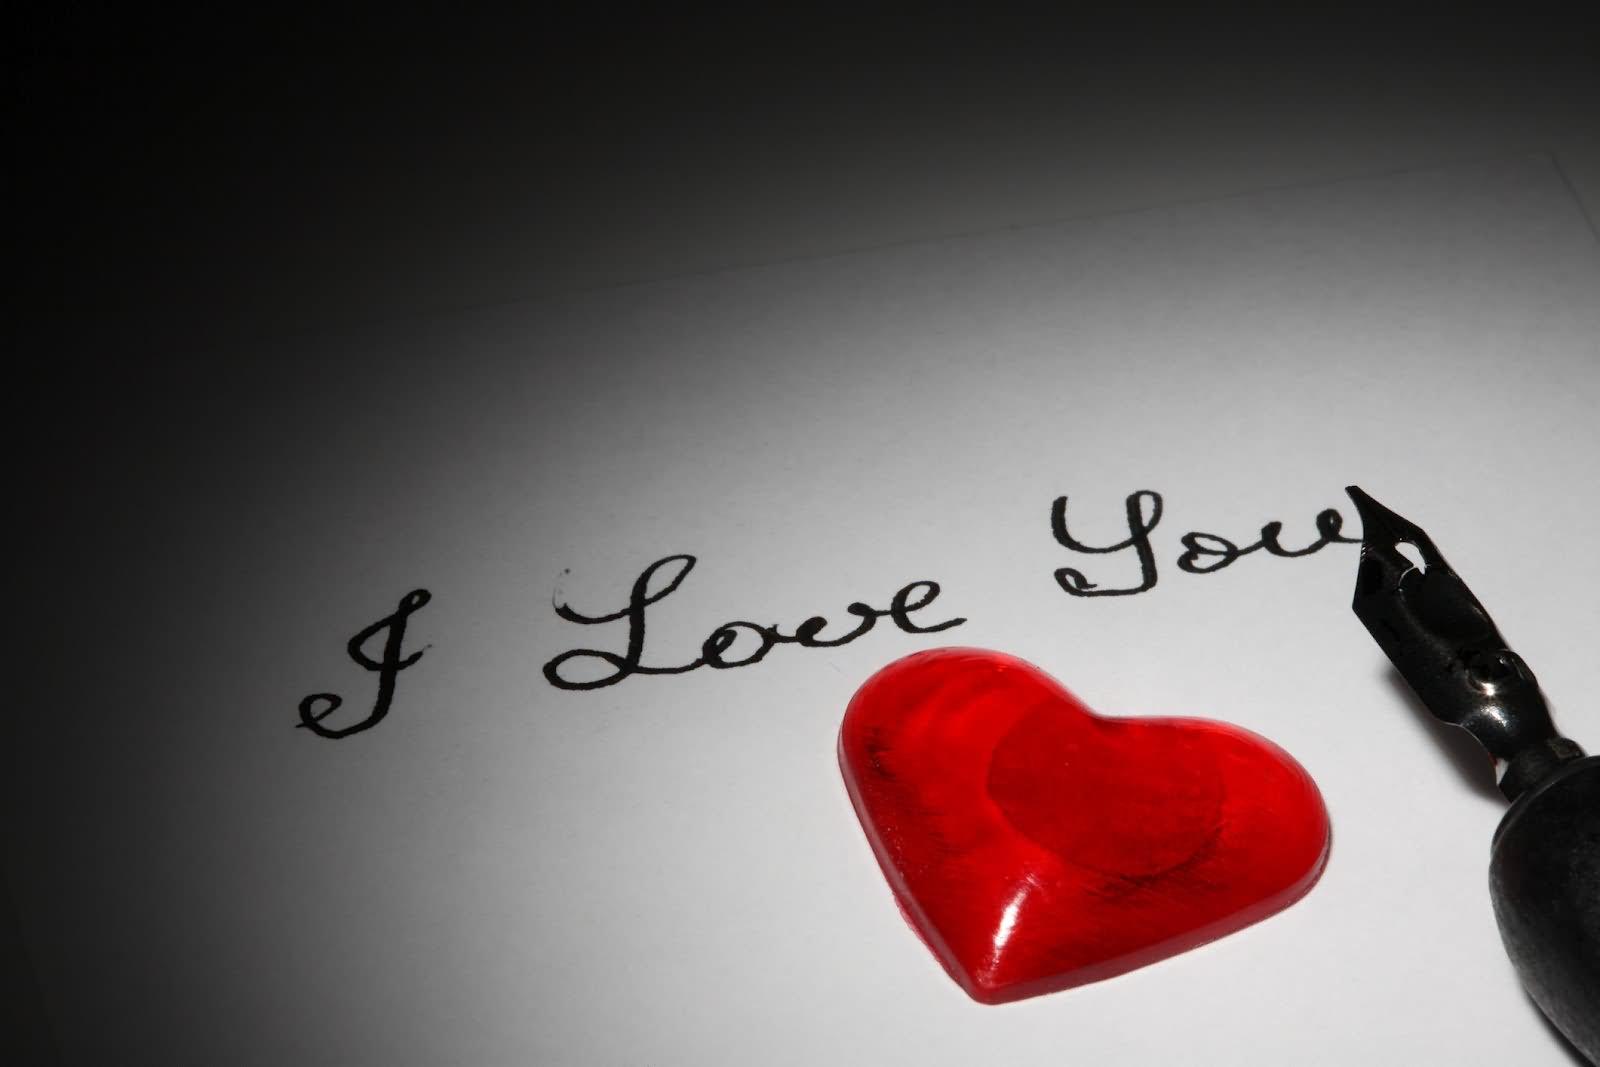 صورة صور جميله حب , اجمل صور الحب والعشق